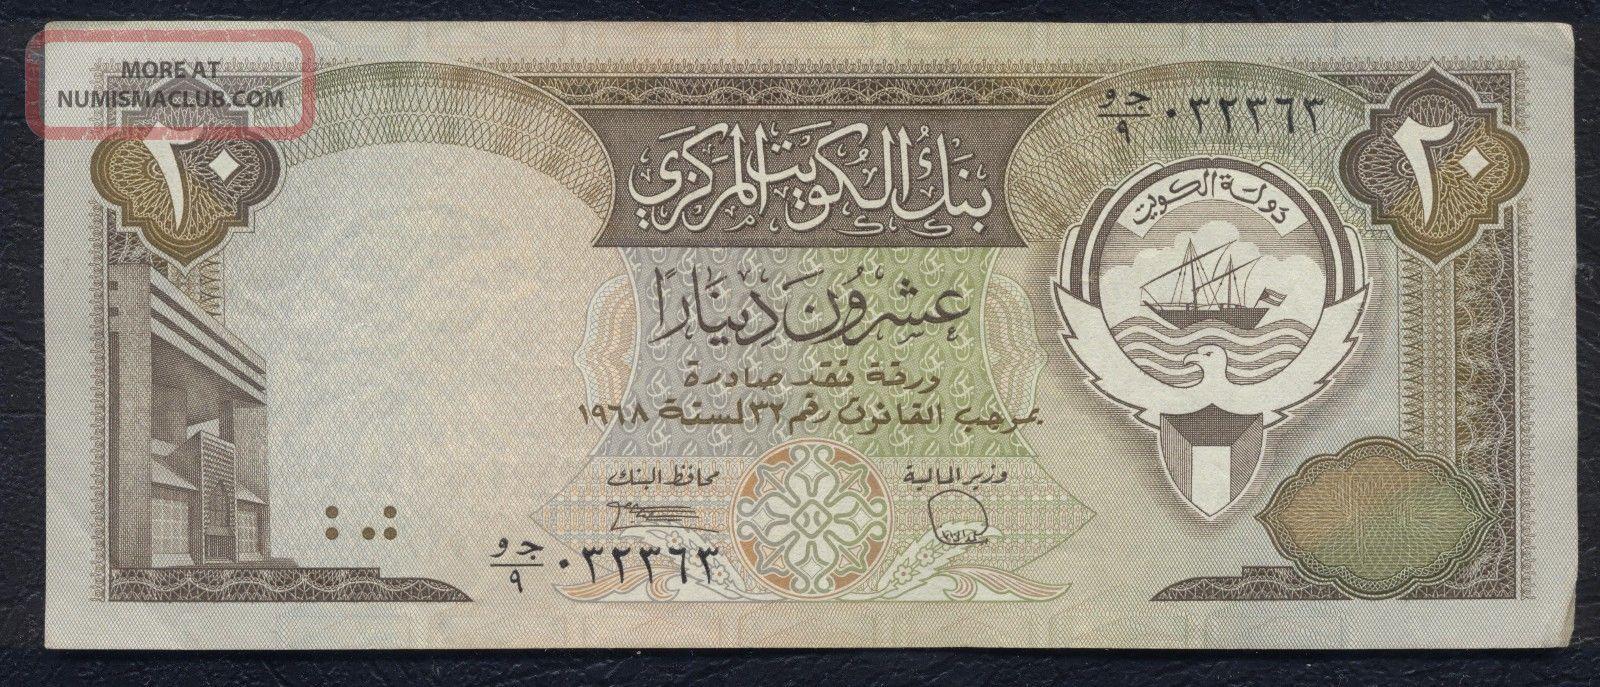 Kuwait 20 Dinar L.  1968 1991 P 16b Unc Middle East photo